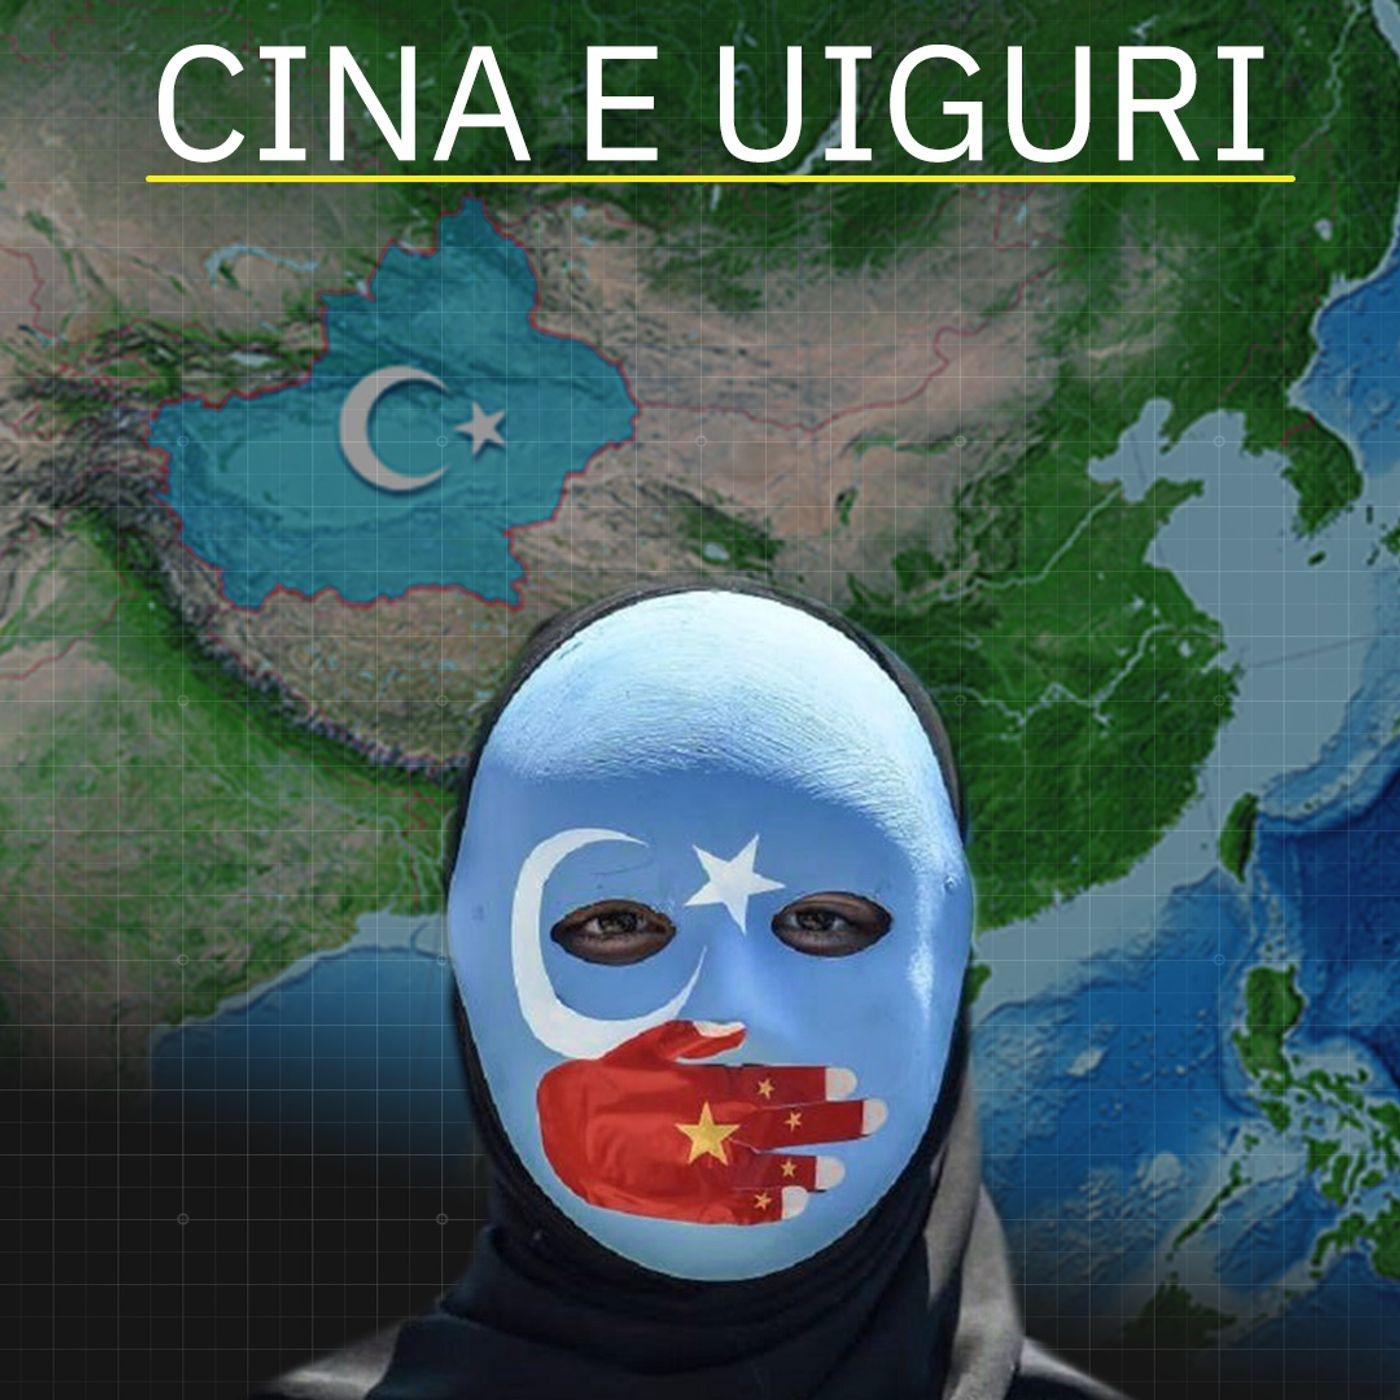 Lo Uiguristan (Xinjiang) e la repressione di Pechino